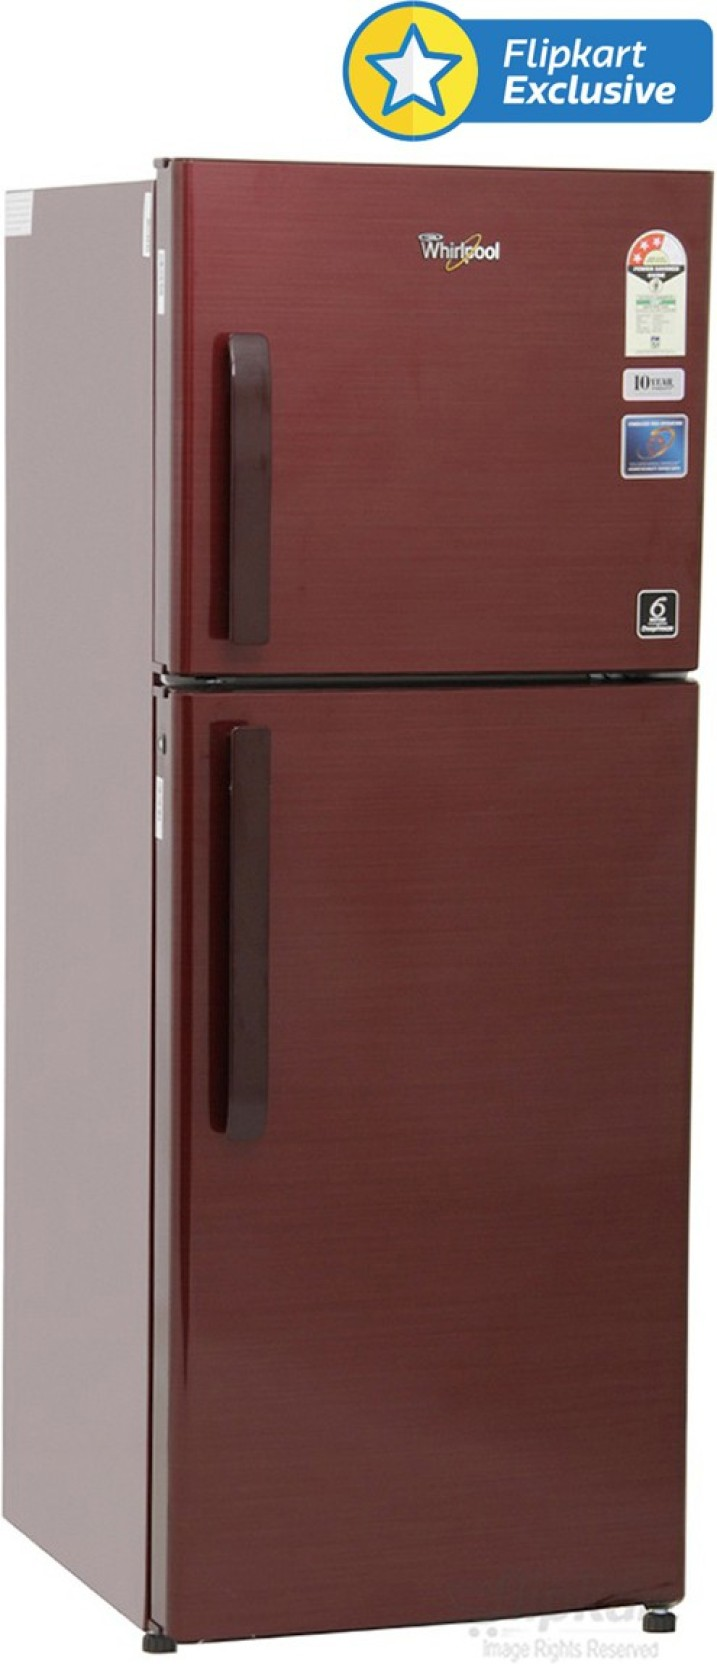 Whirlpool 245 L Frost Free Double Door Refrigerator Online